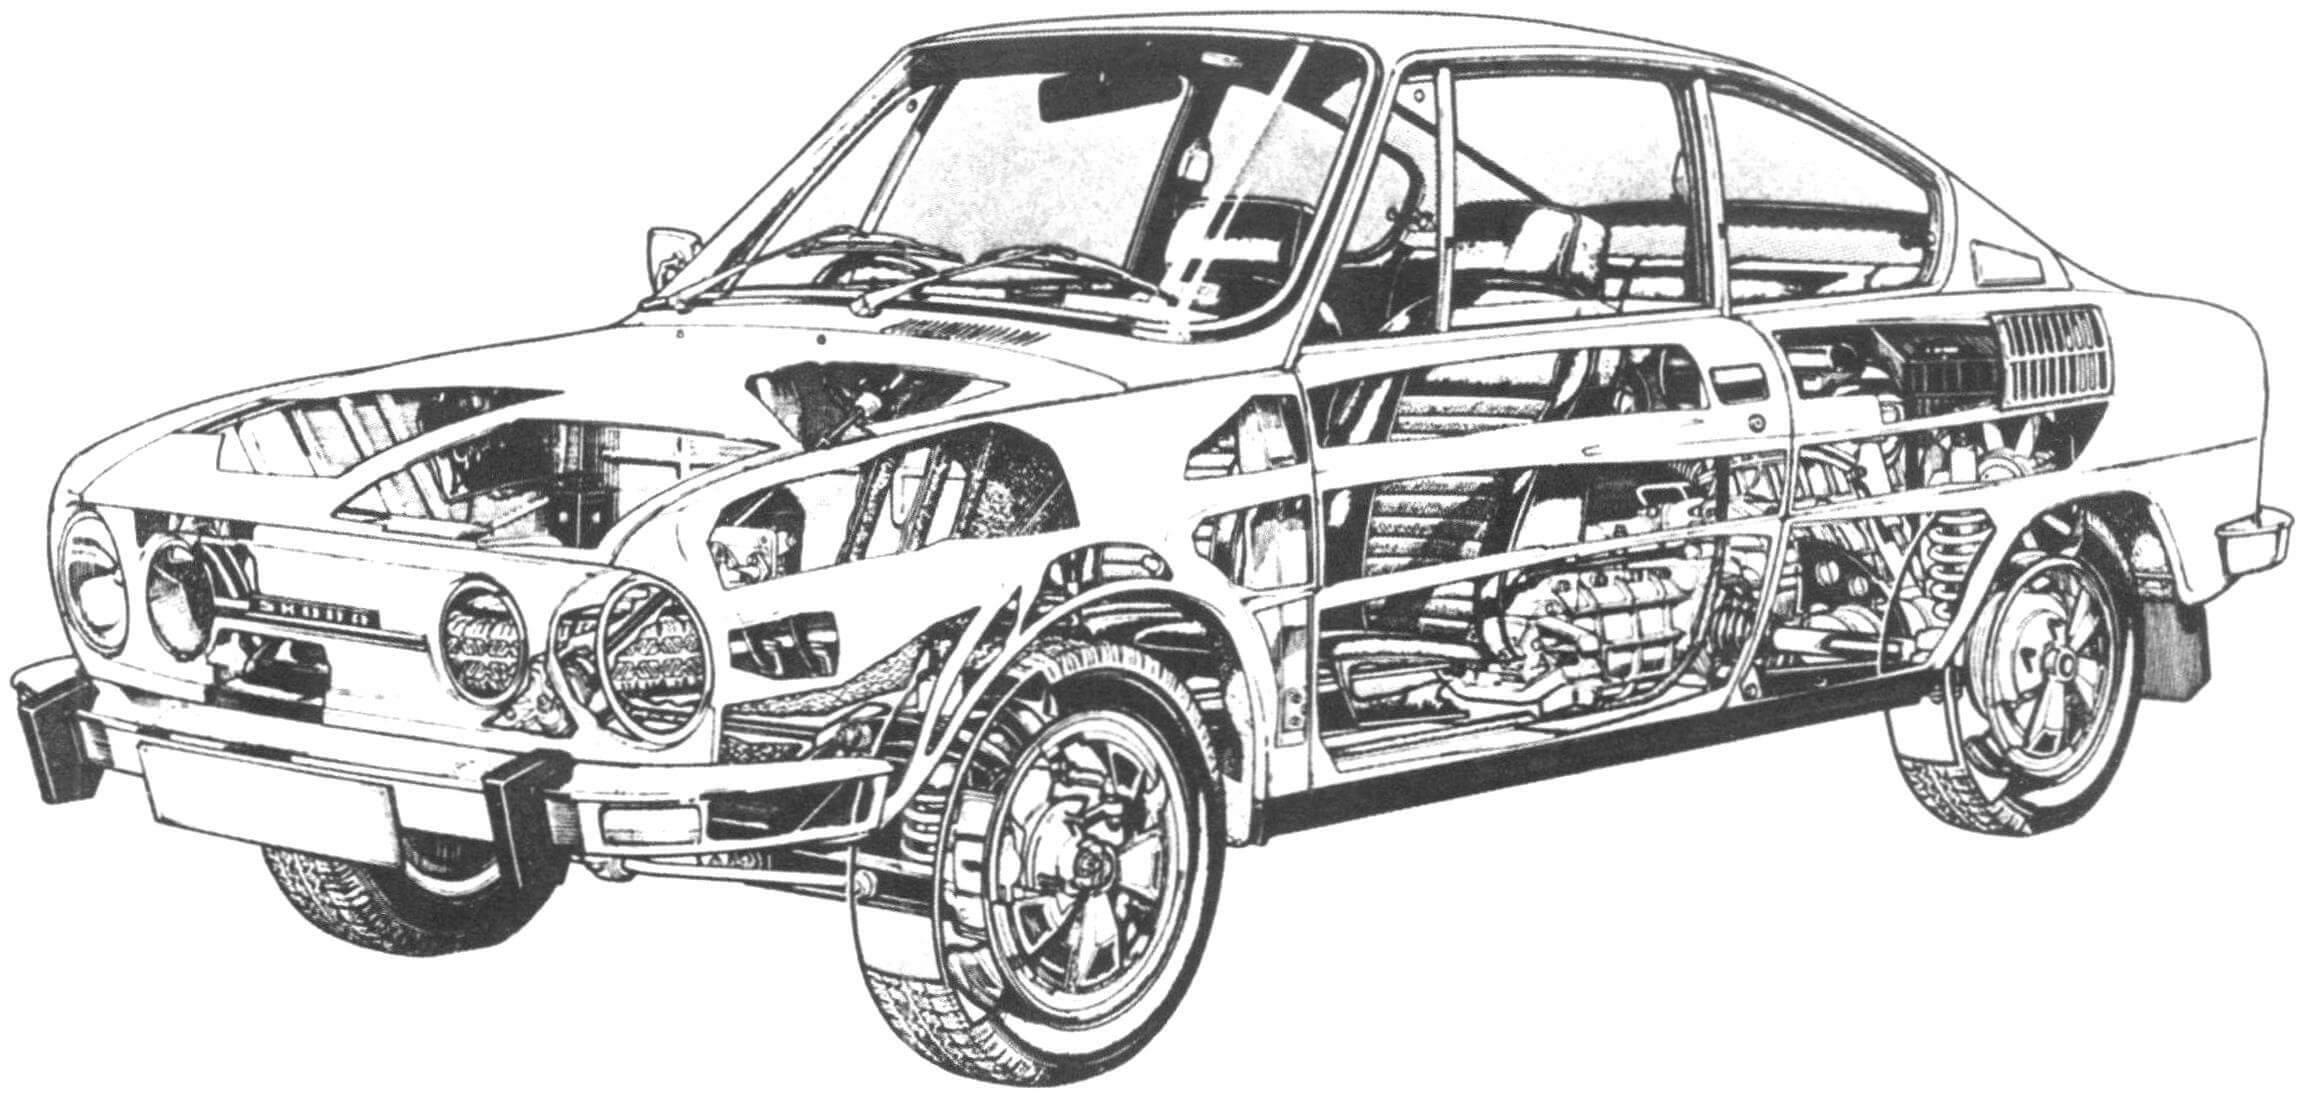 Основным экспортным рынком Skoda 110 R была Великобритания